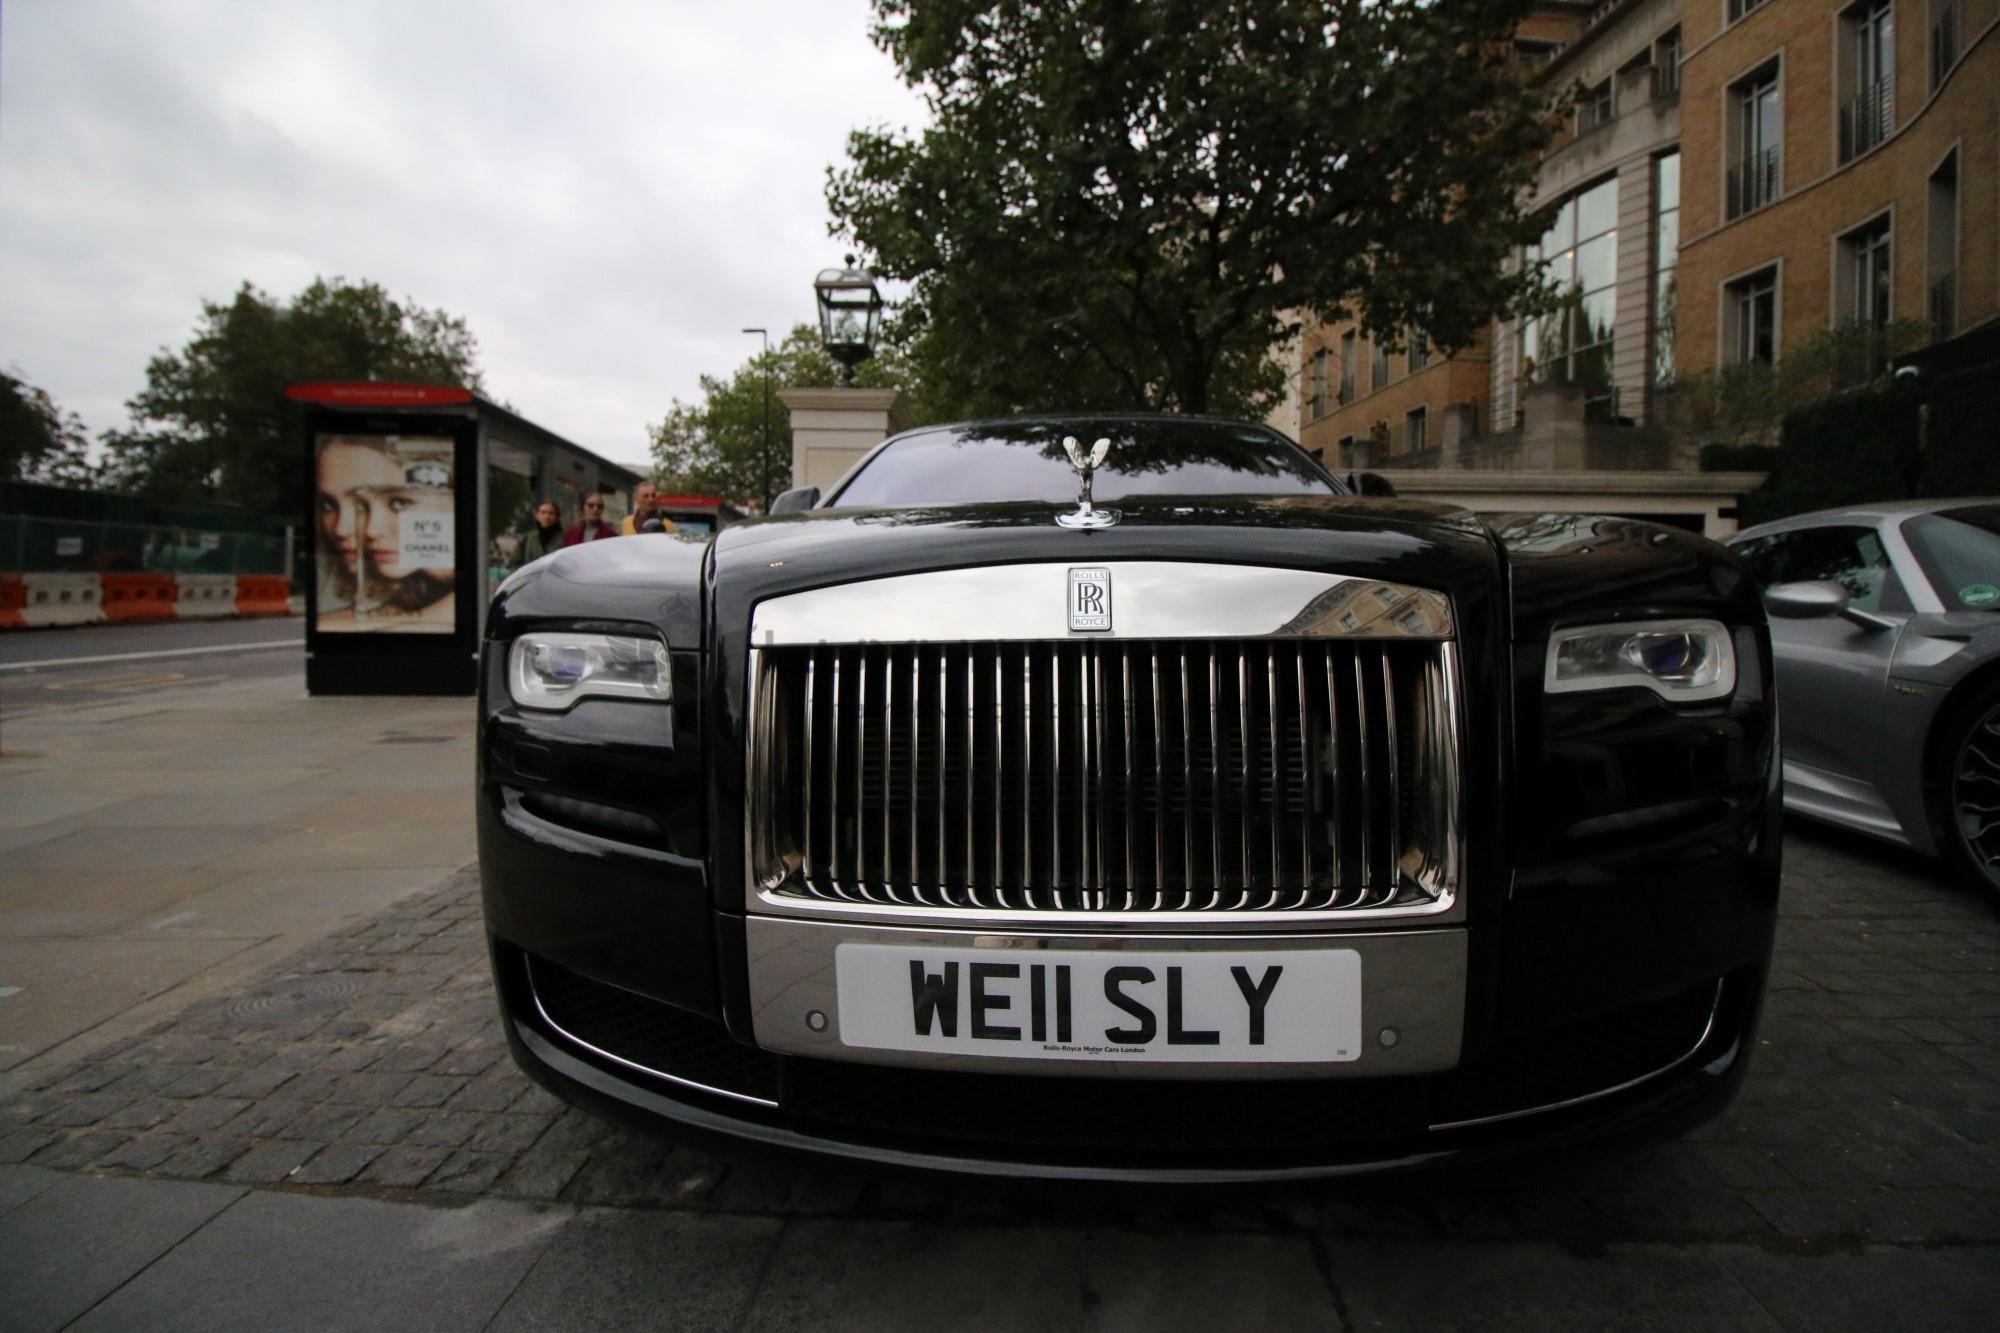 4-the_wellesley_hotel_london_rolls_royce